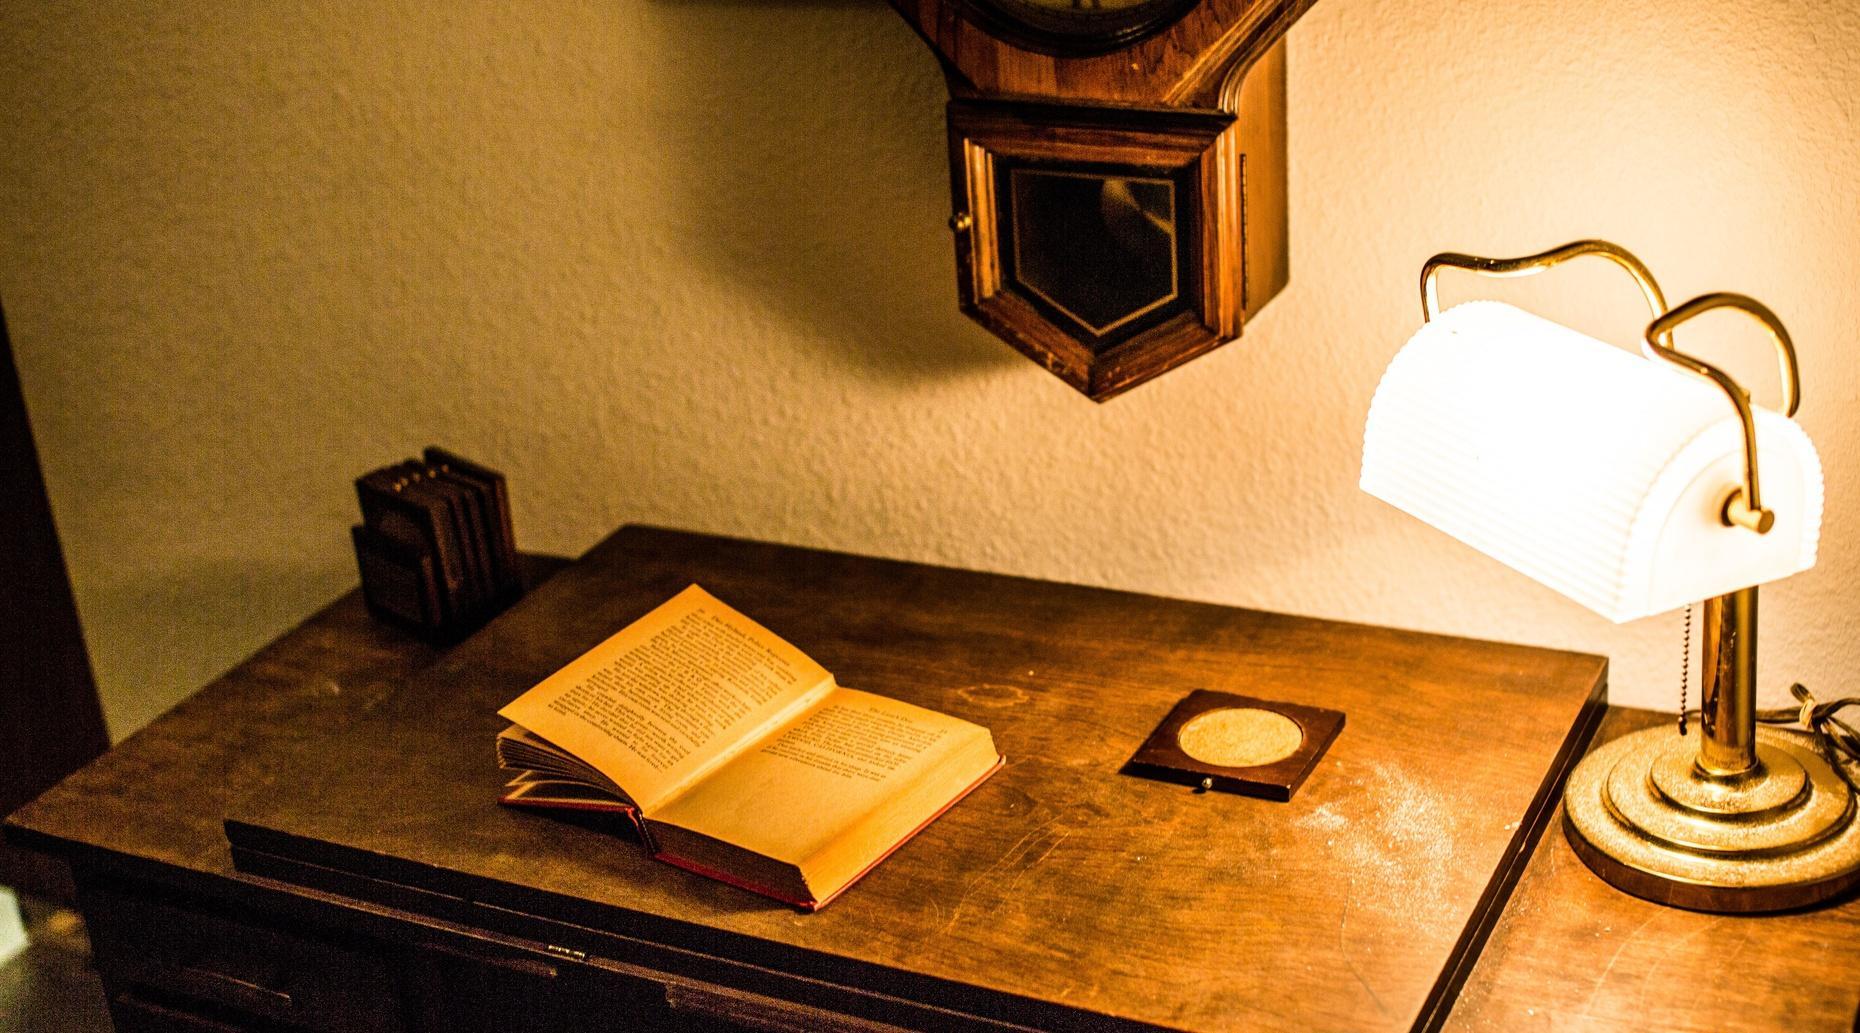 Private Gentlemen's Den Escape Room in Redding